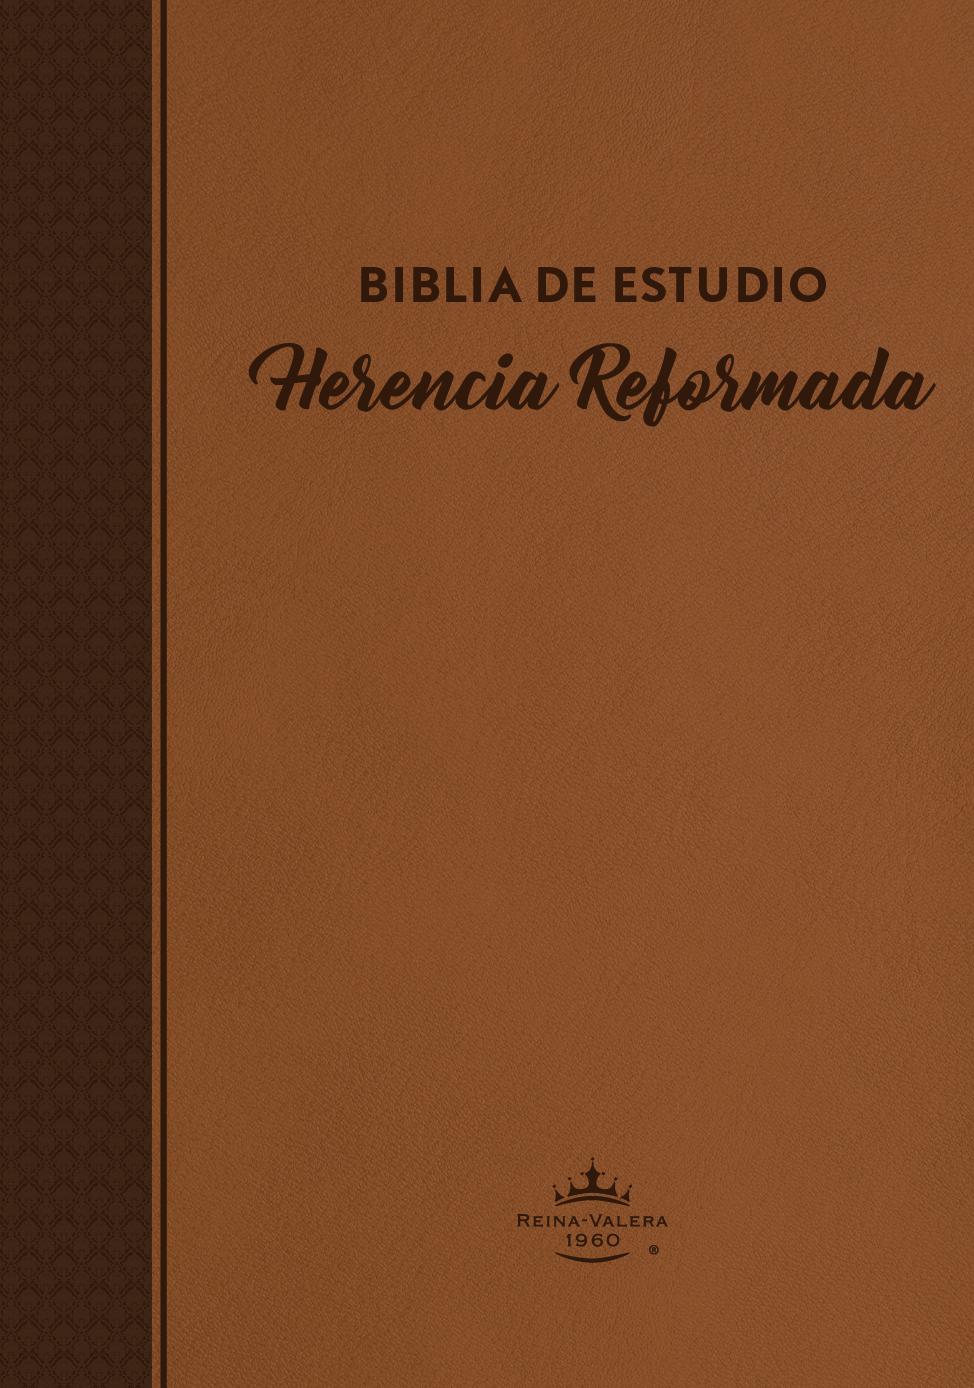 Biblia de Estudio Herencia Reformada - Tapa Dura